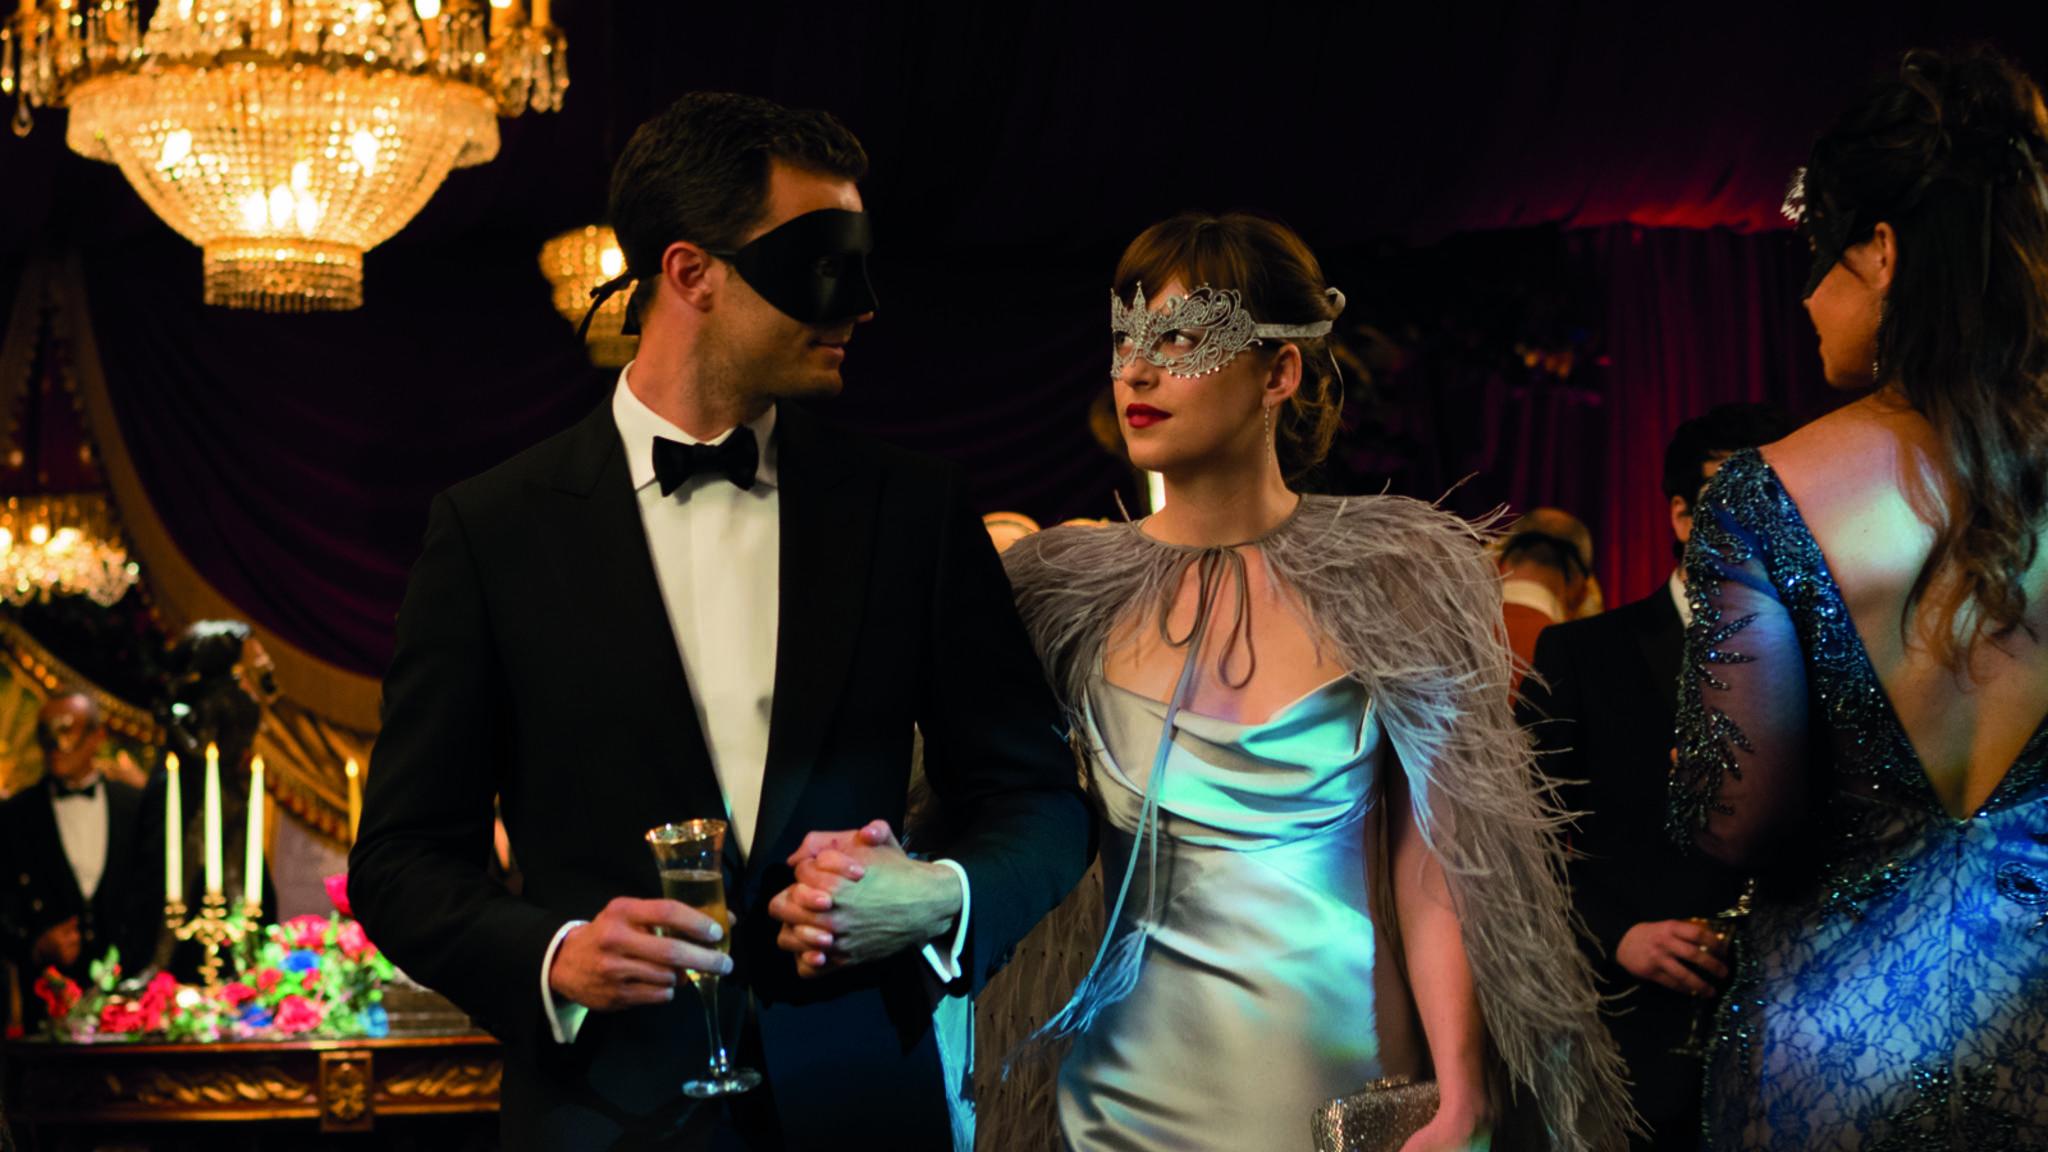 """Am 8. Juni 2017 erscheint die Fortsetzung der Romanverfilmung """"Fifty Shades of Grey"""" auf DVD und Blu-Ray."""